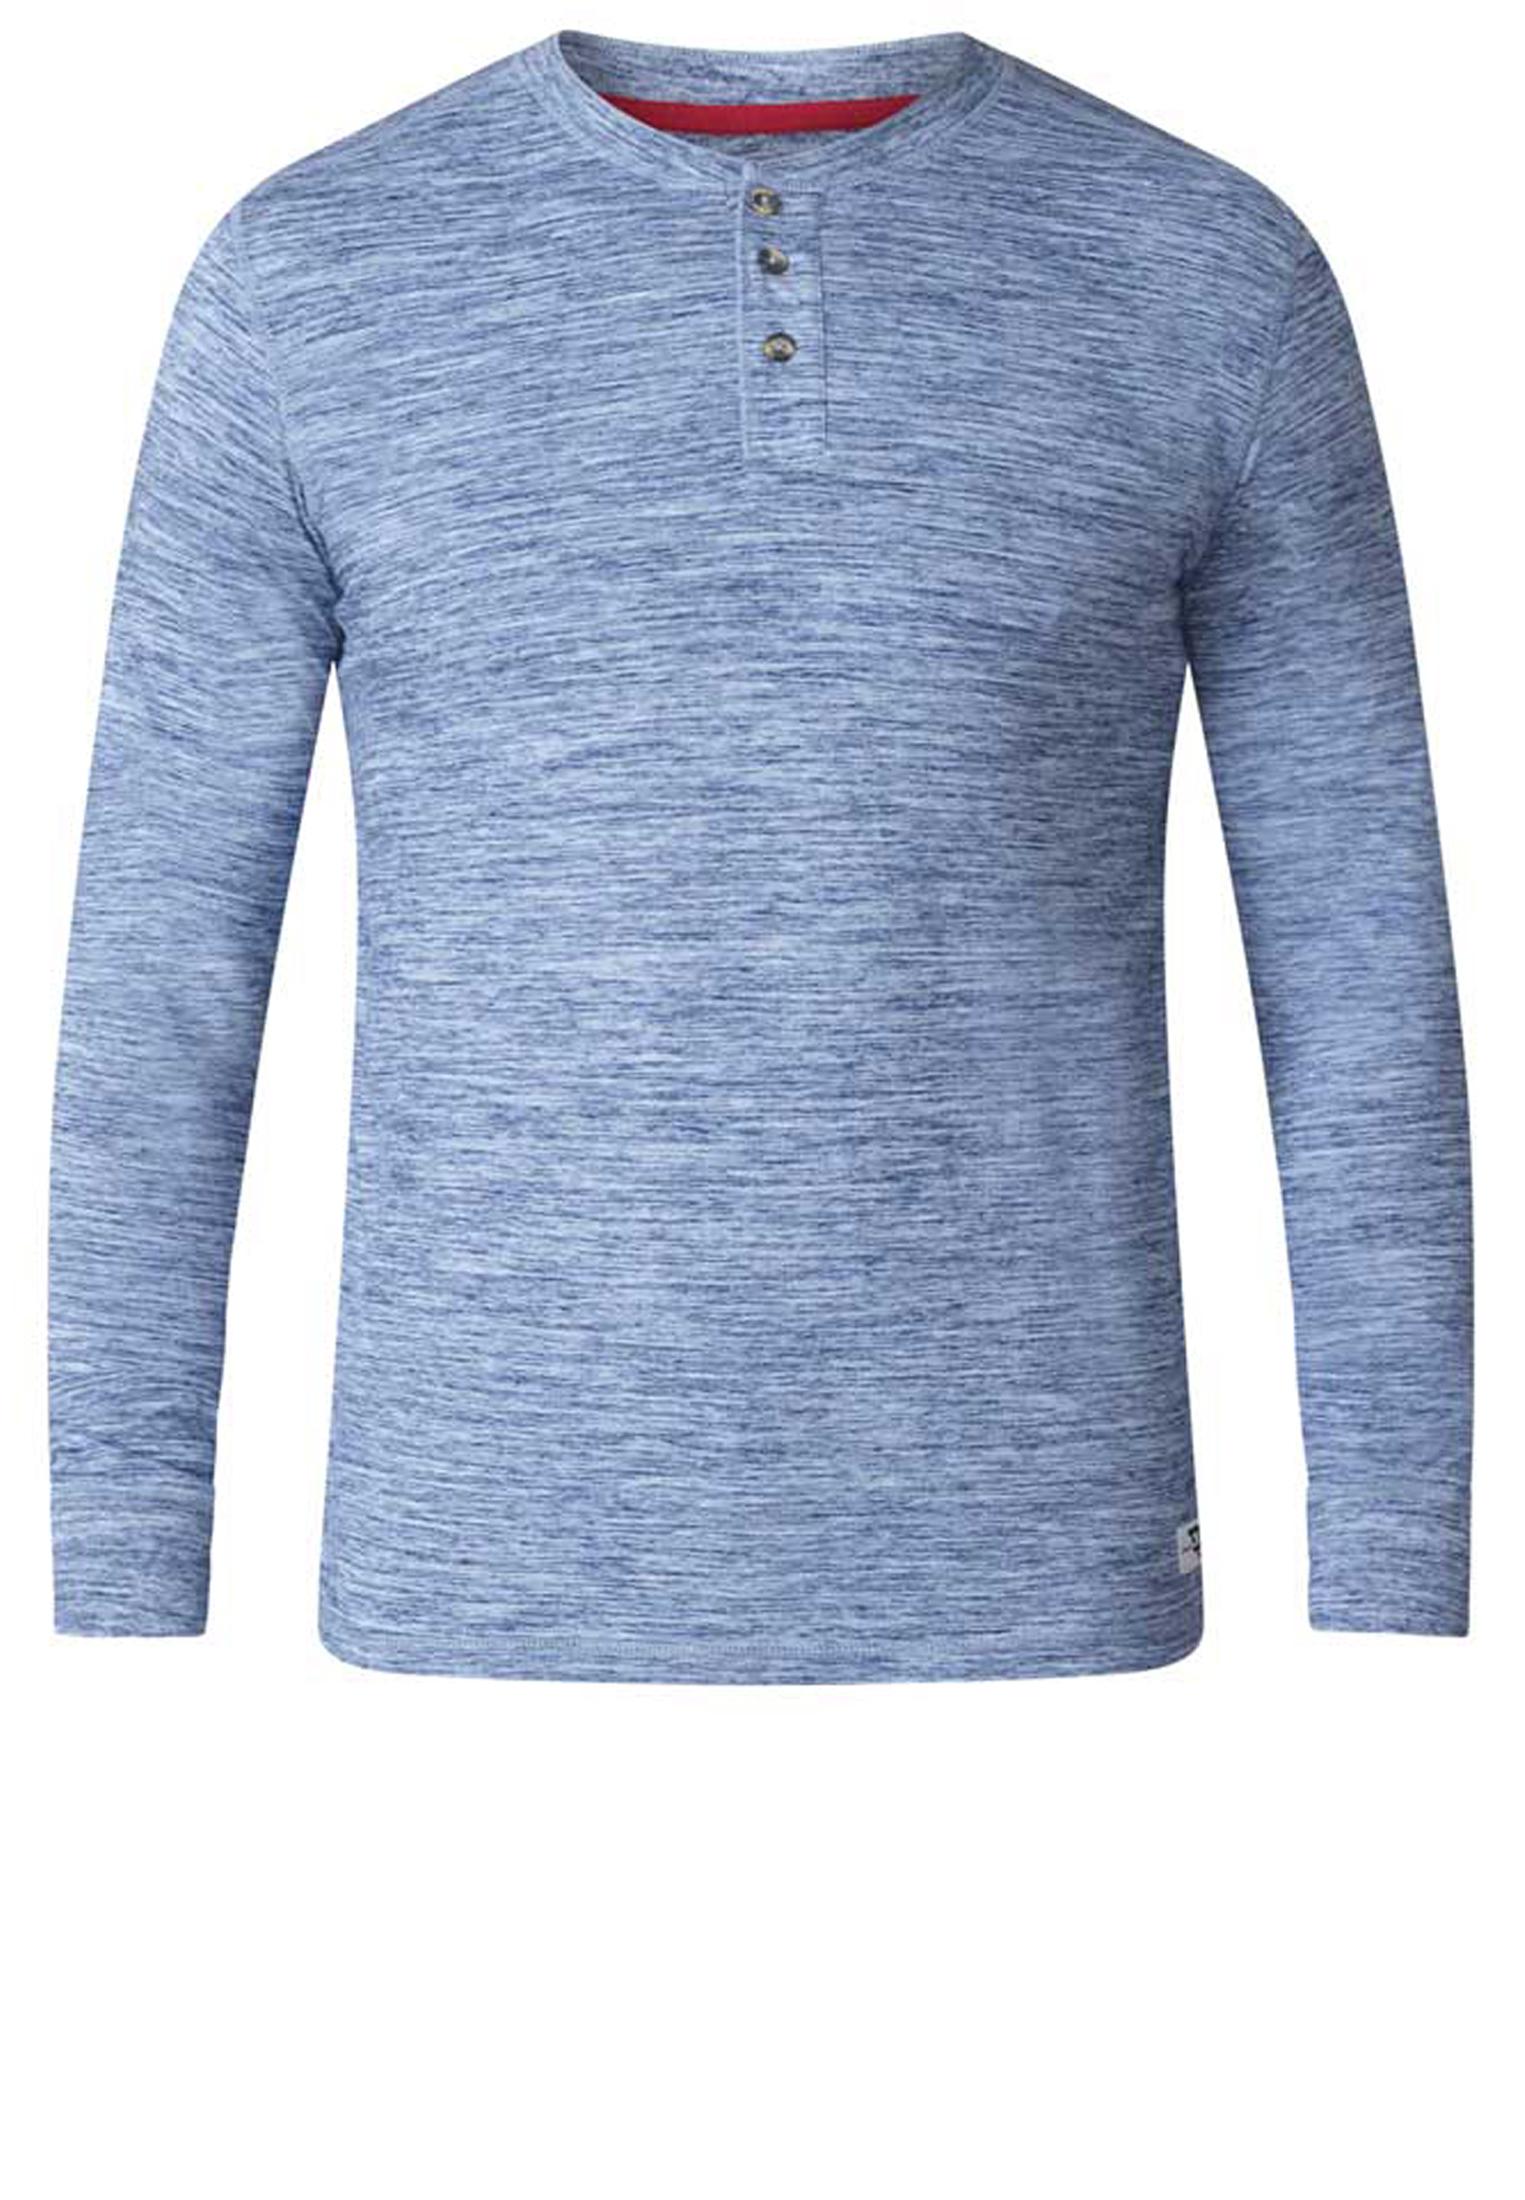 Blauw melange longsleeve van het merk D555. Deze longsleeve heeft een ronde hals met knopenlijst. Gemaakt van een lekkere dunne stof waardoor hij niet te warm is en leuk te combineren is op een spijkerbroek en eventueel met een warm vest.